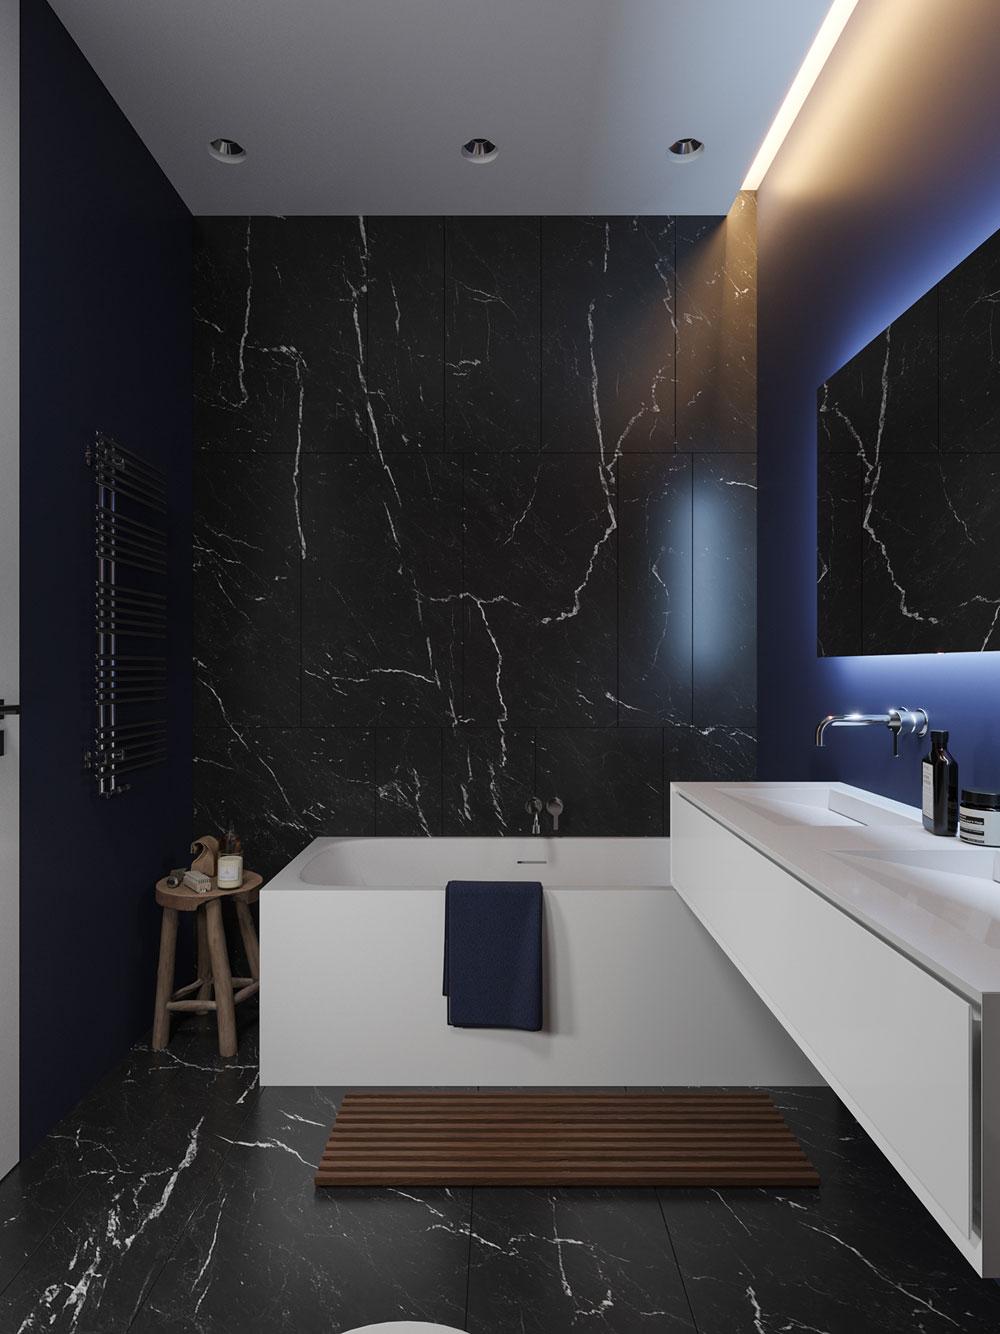 thiết kế nội thất chung cư cao cấp ảnh 8